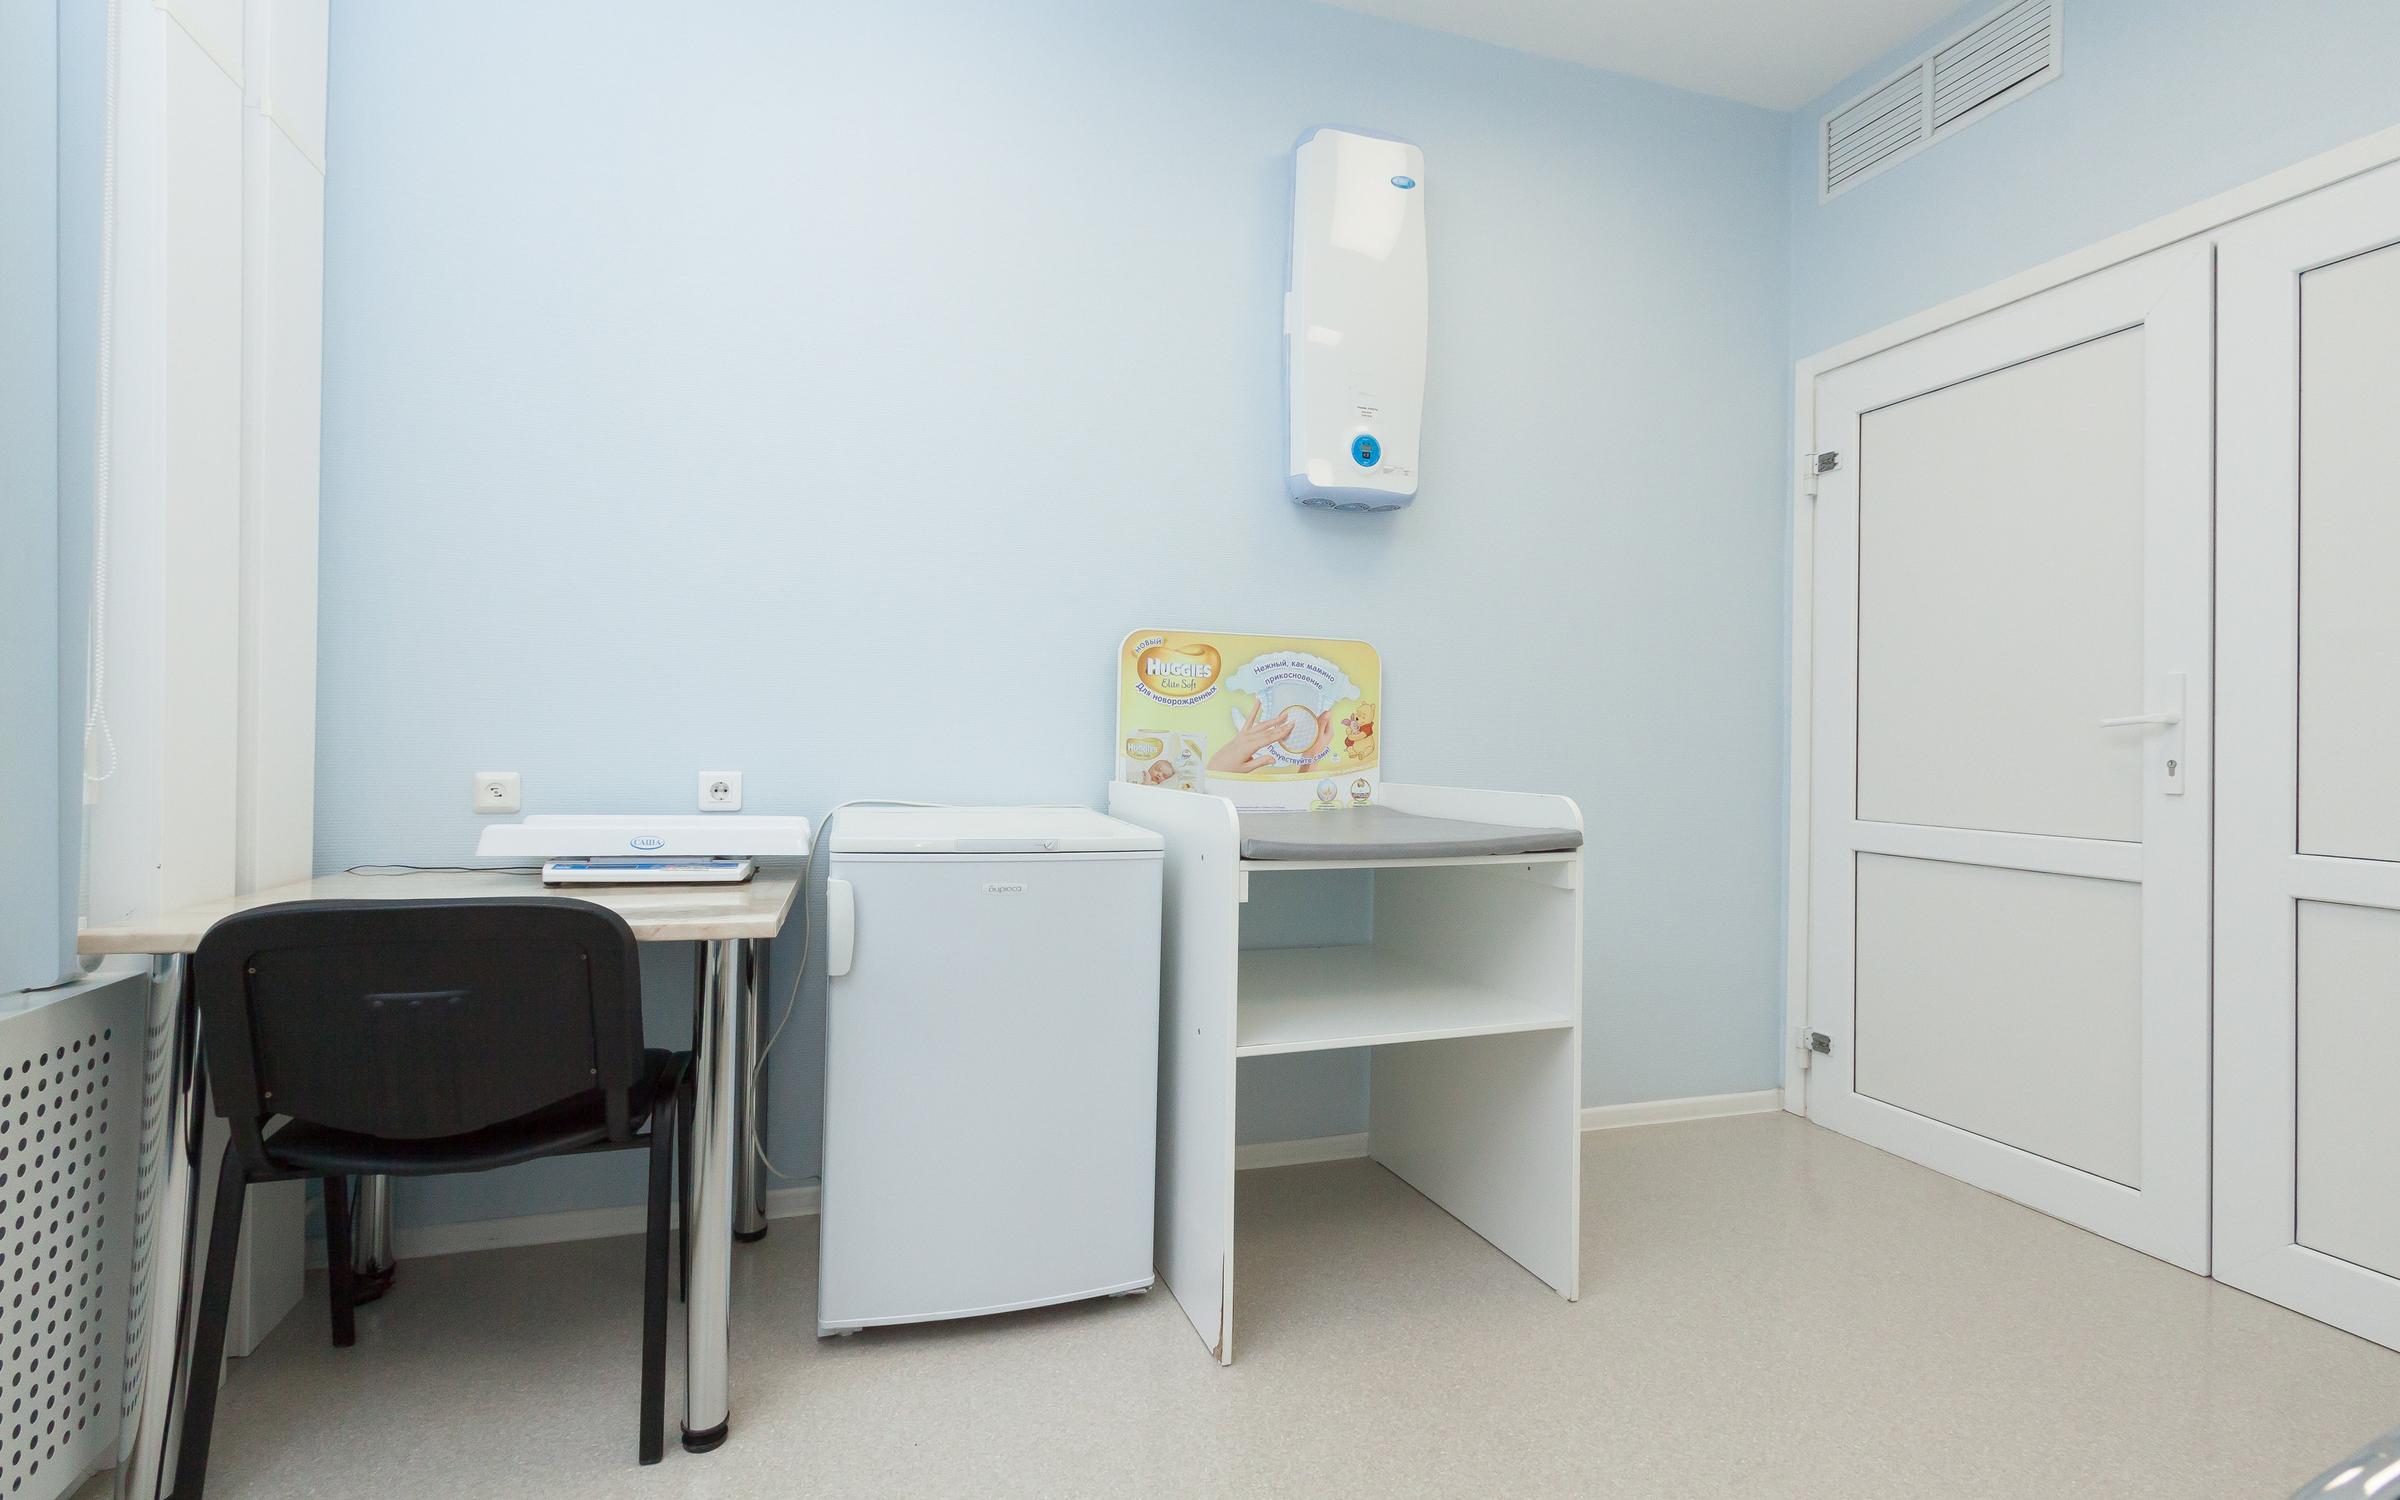 Поликлиника на комсомола 14 телефон